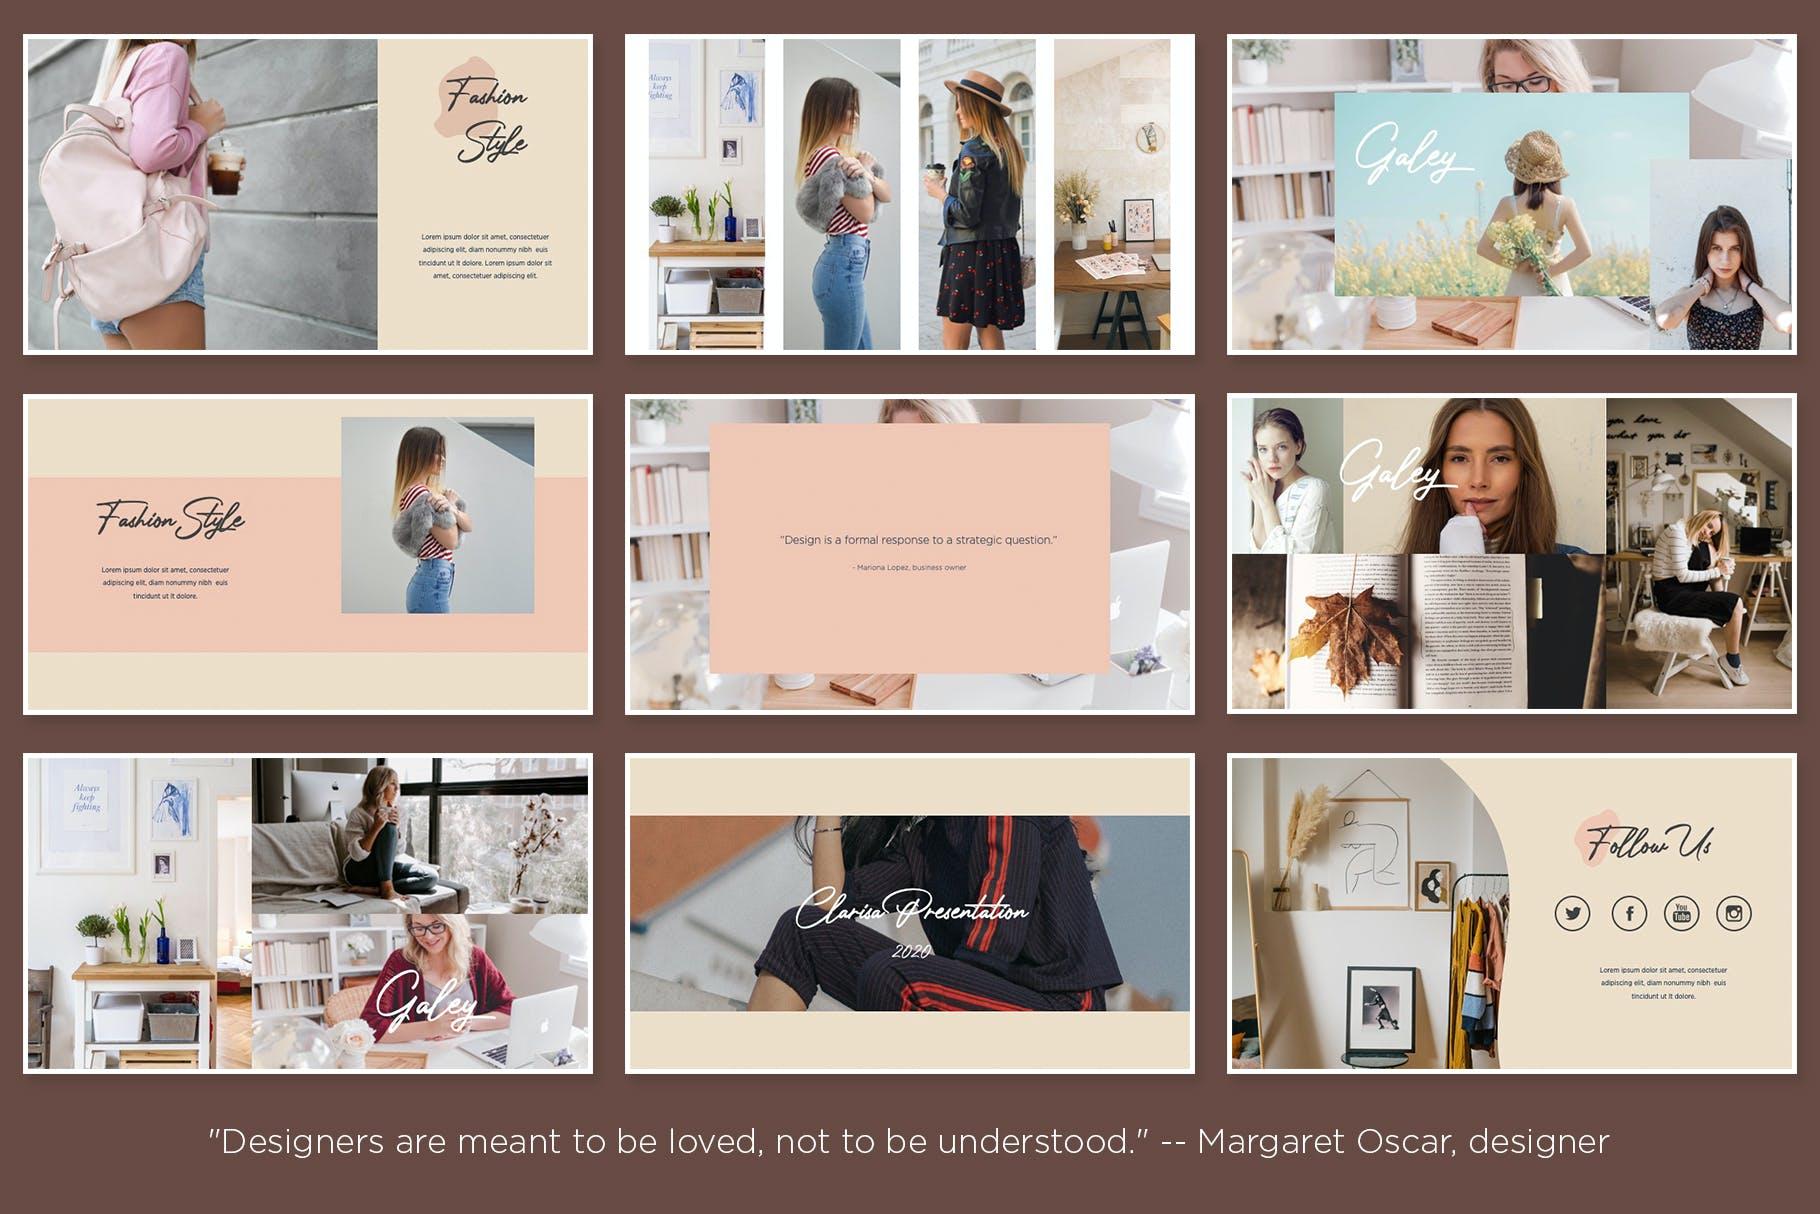 时尚优雅摄影作品集演示幻灯片设计模板 Clarisa Bundle Presentation插图5